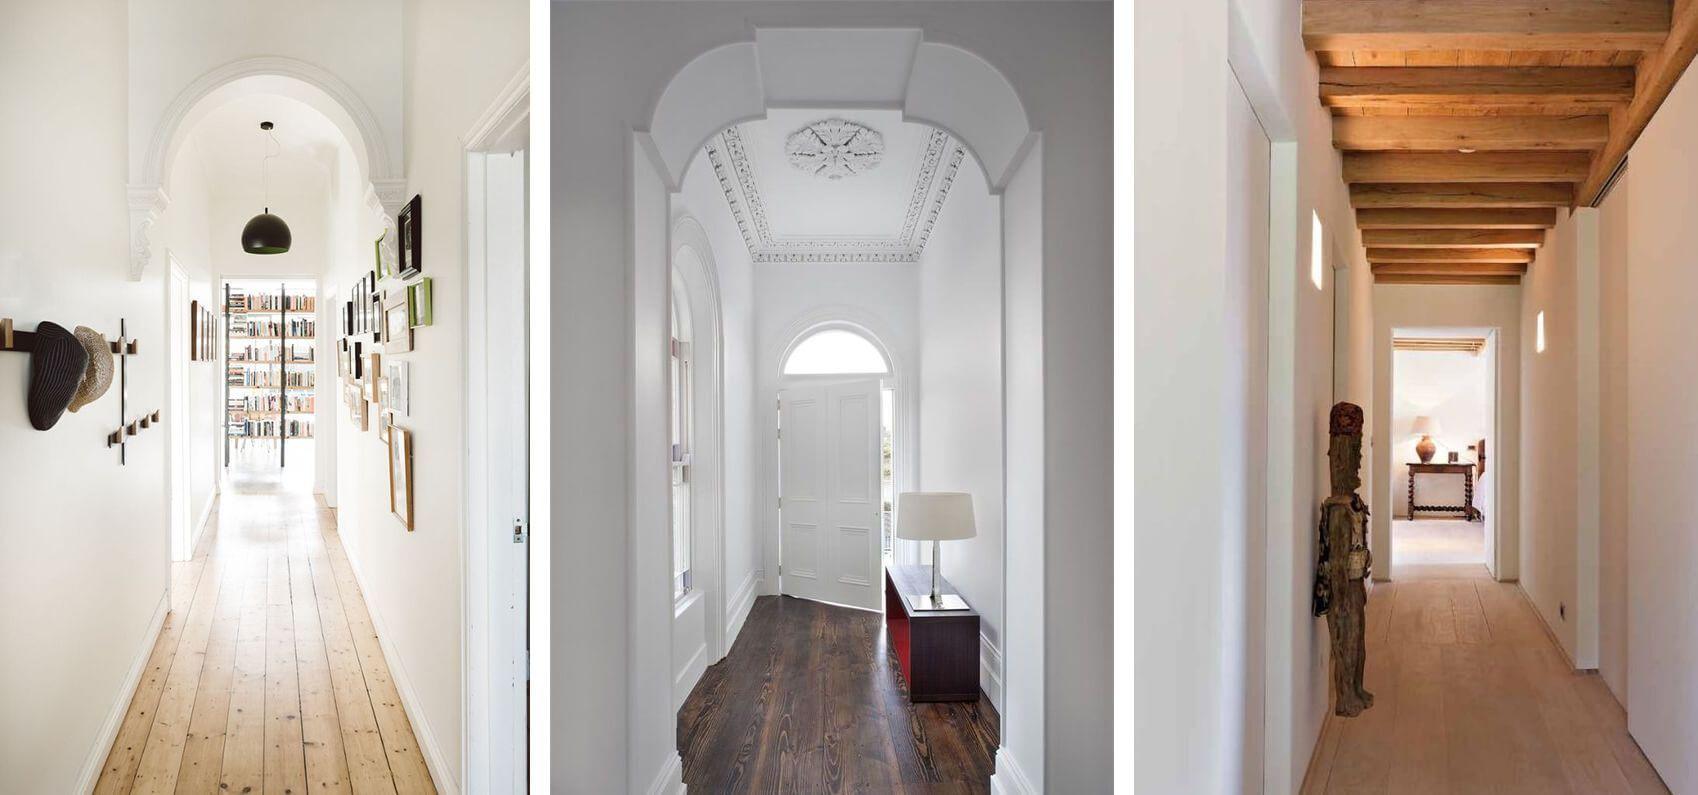 Narrow hallway decor  Narrow Hallway Decorating Ideas  hallway ideas  Pinterest